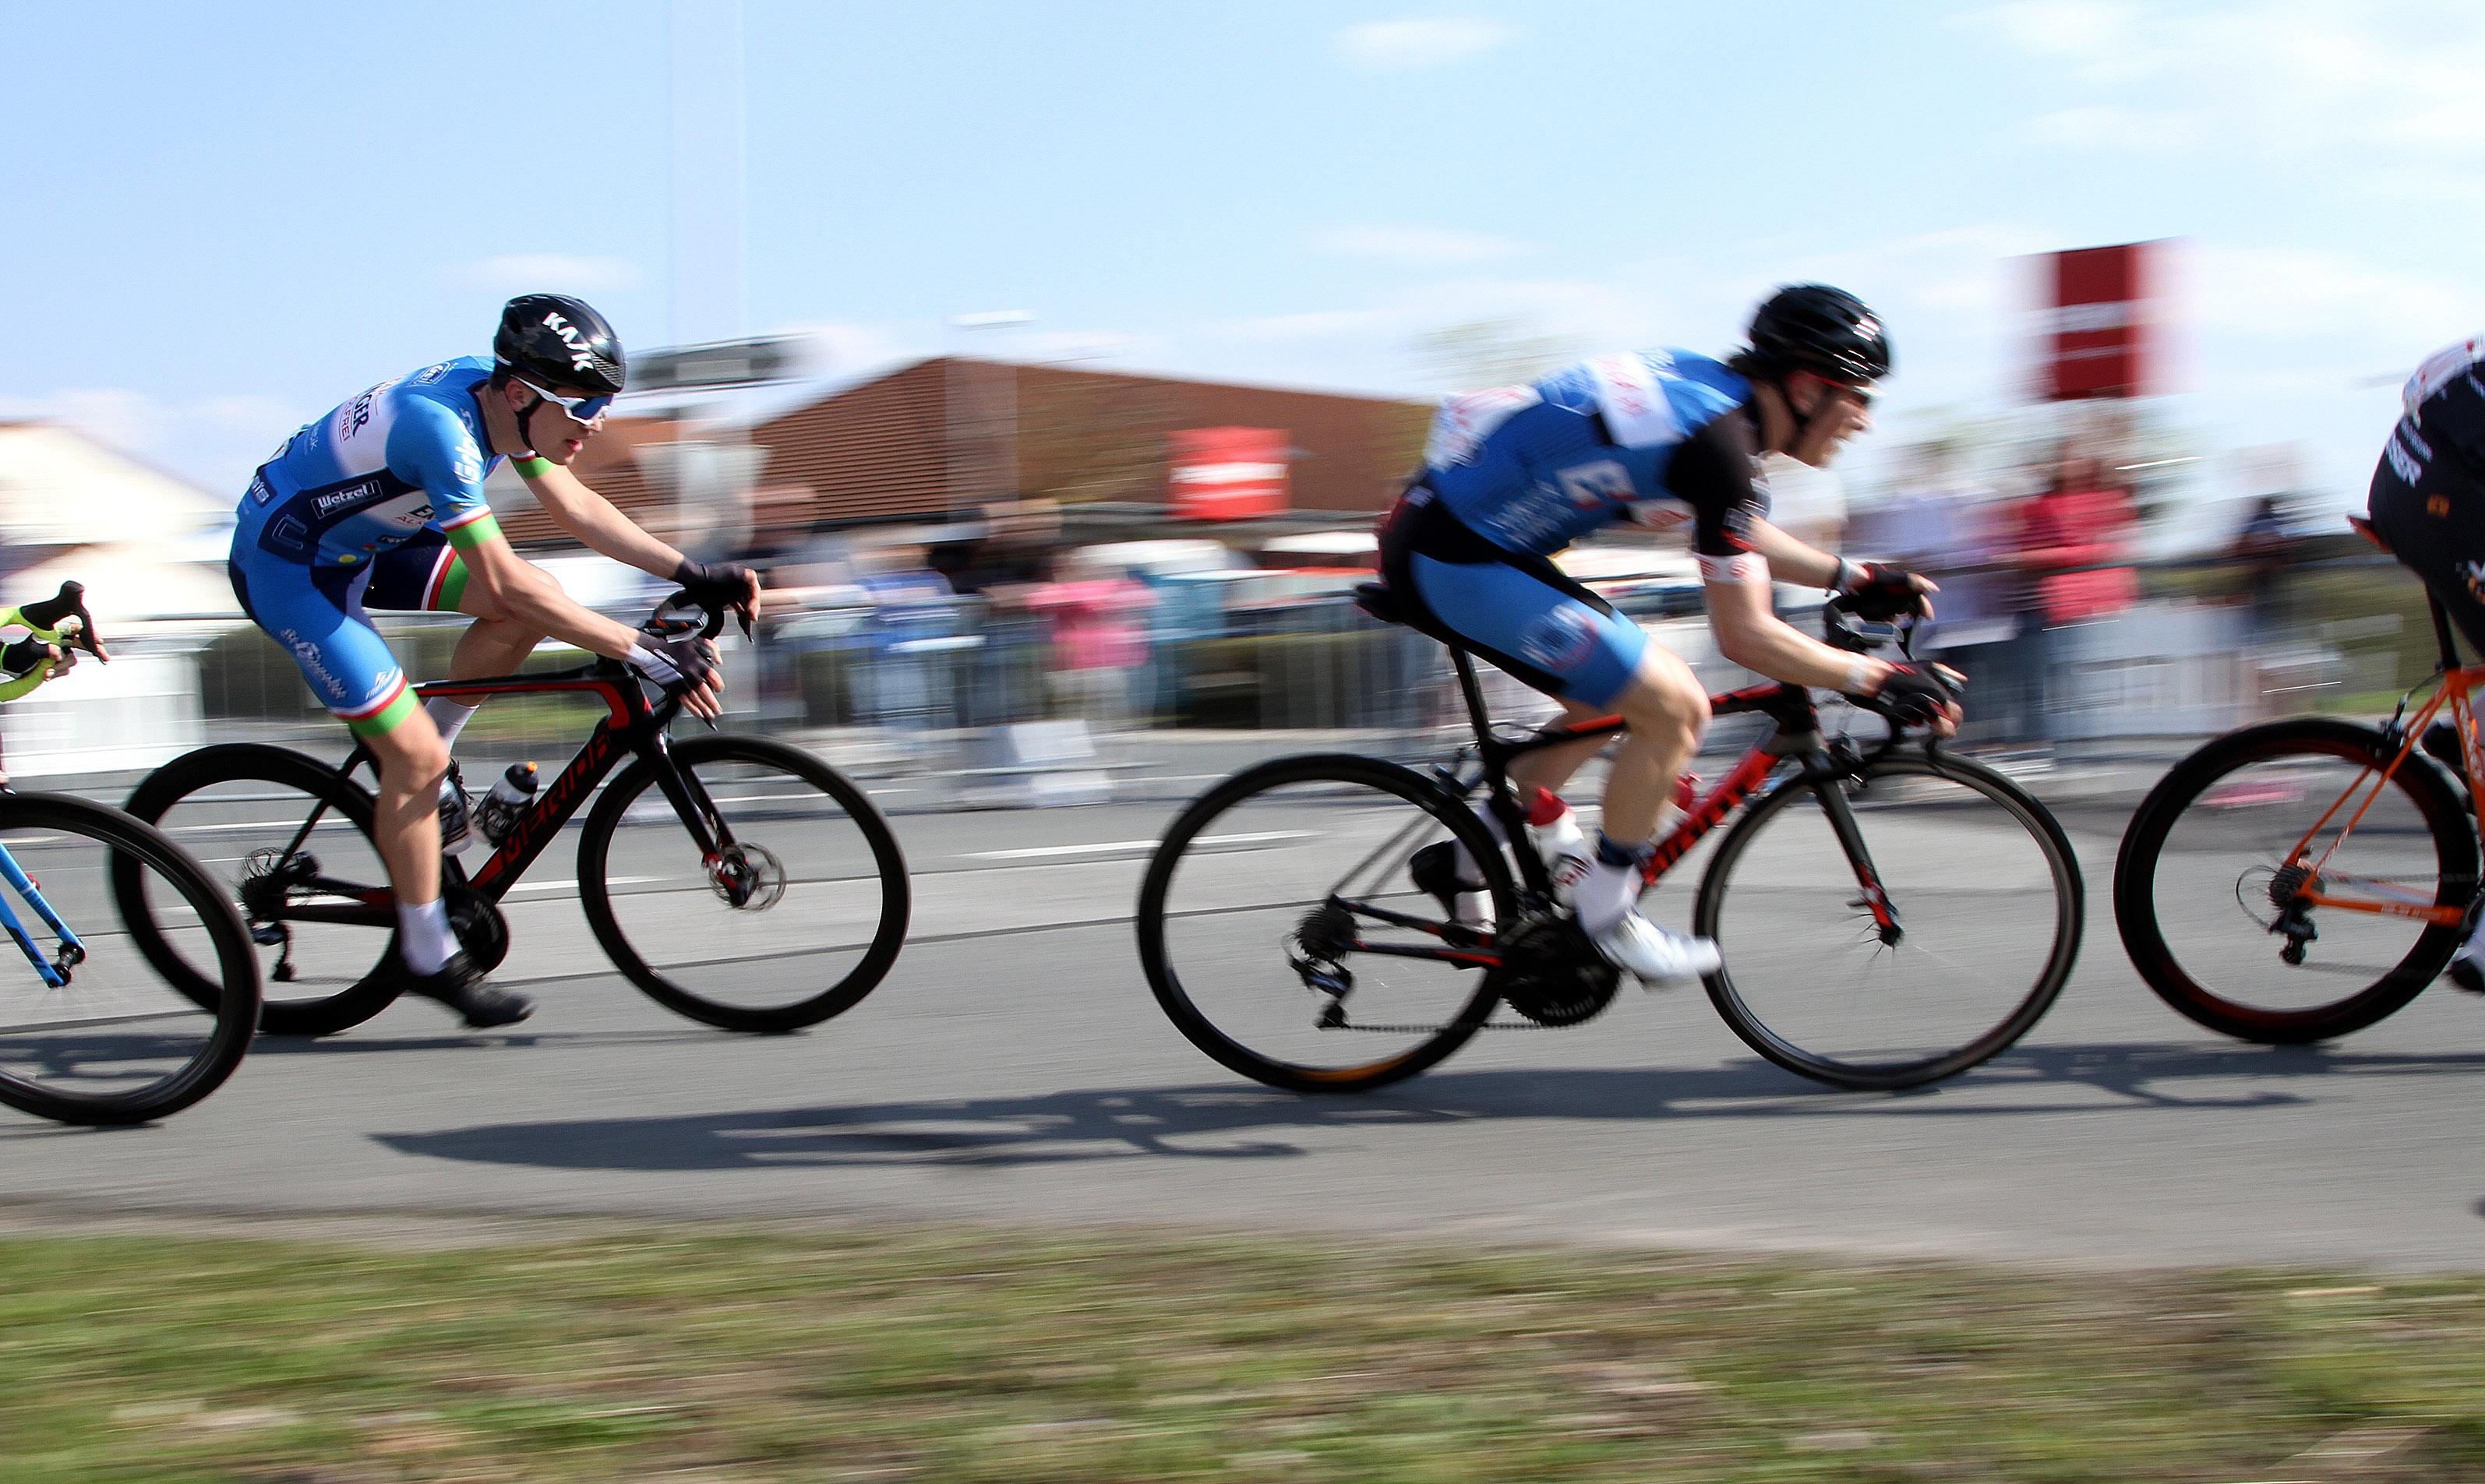 Radrennen einhausen 2020